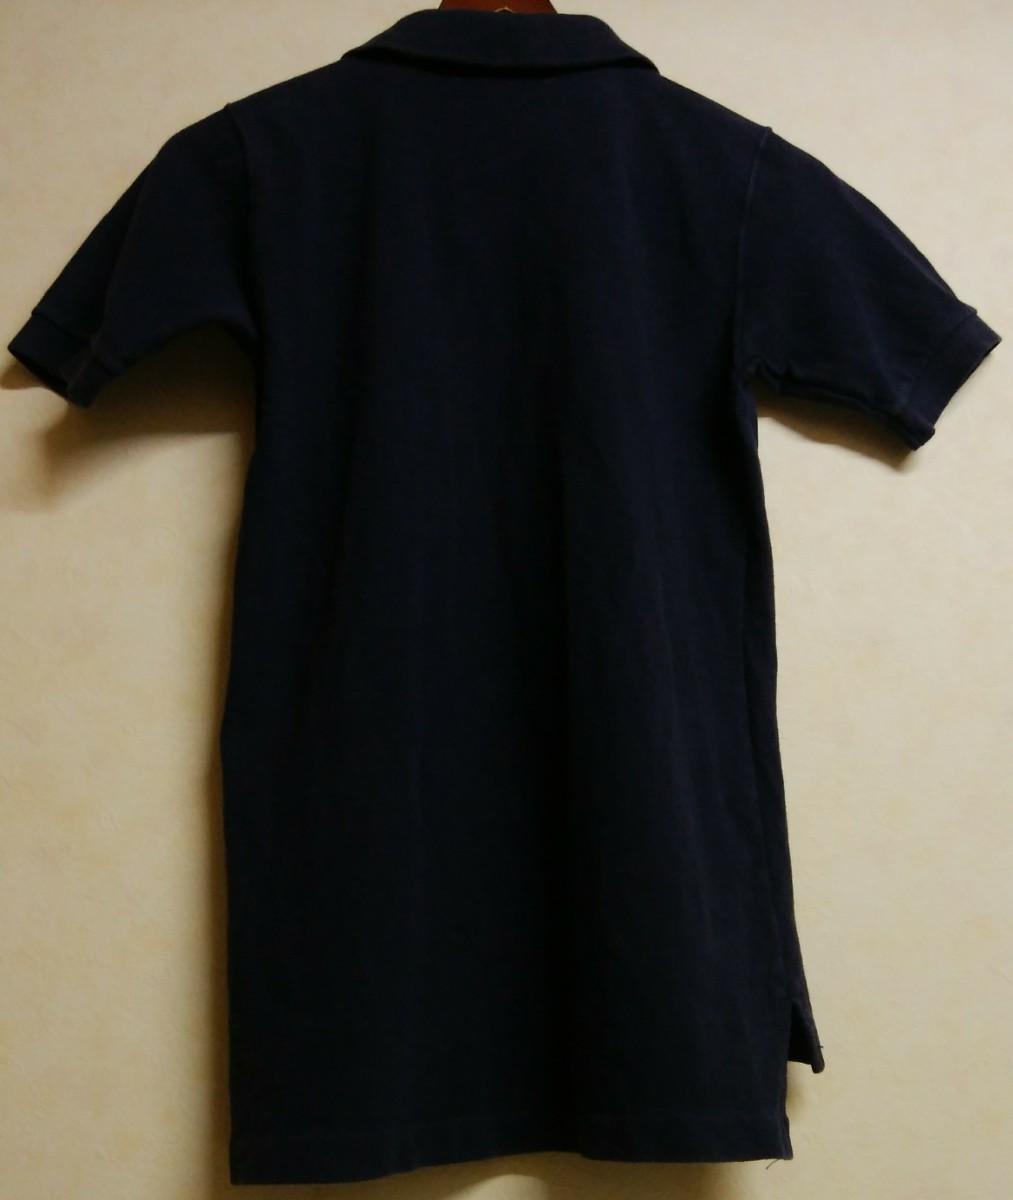 ヒステリックグラマー 半袖ポロシャツ